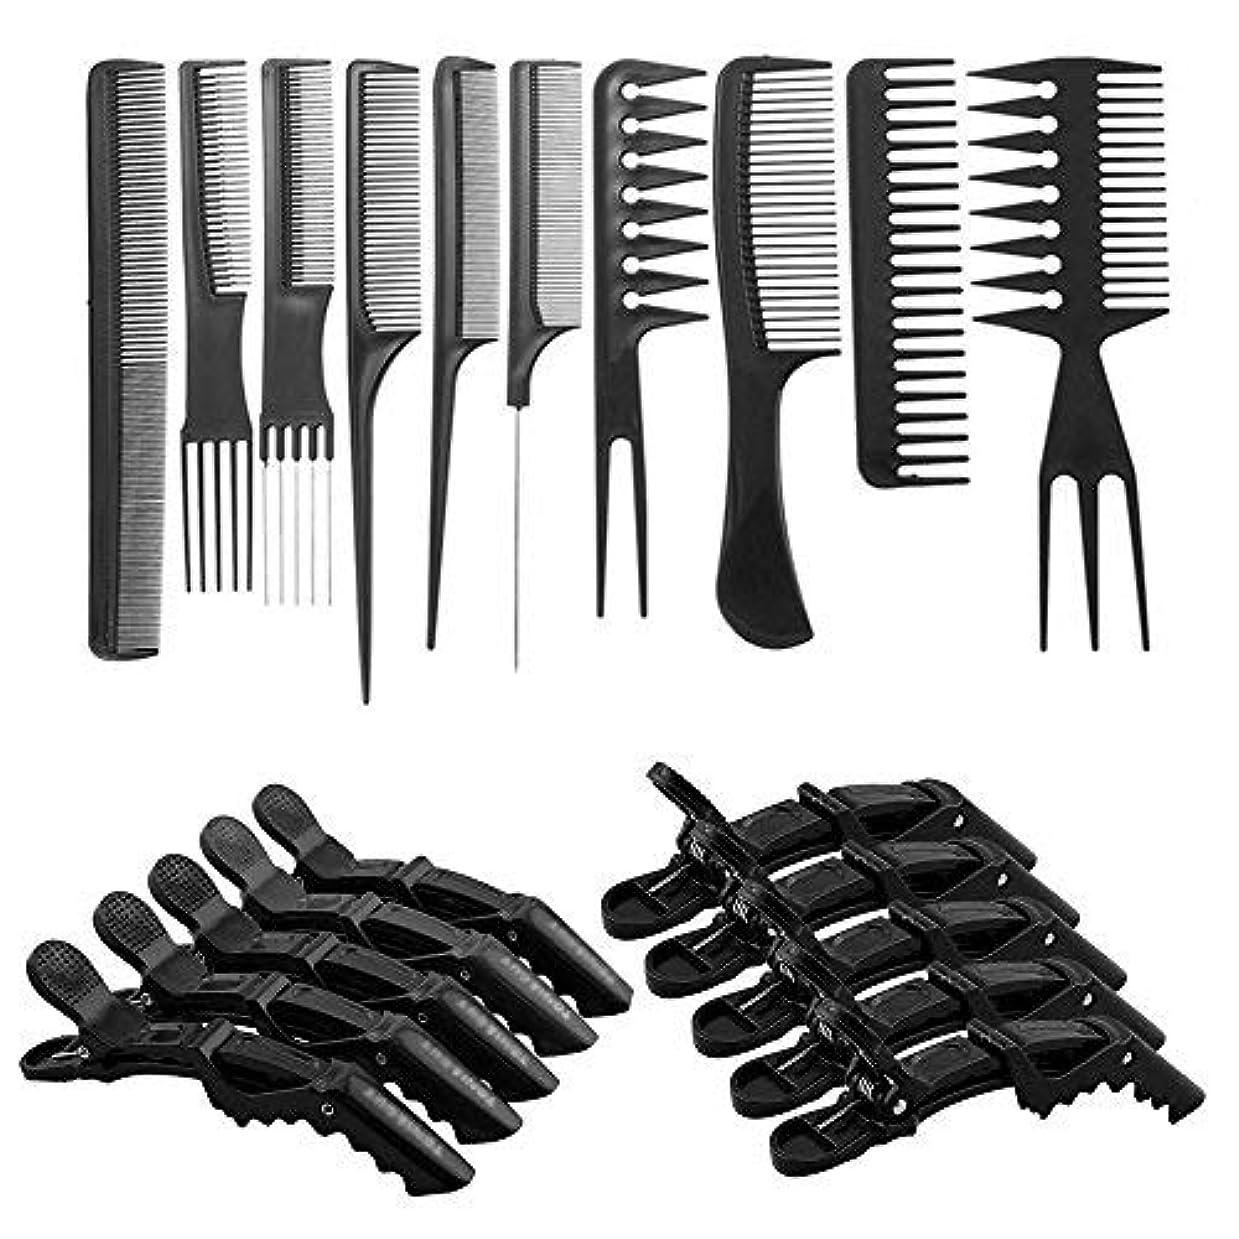 不毛空いている散歩に行く10 Pcs Professional Hair Styling Comb Set with Styling Clips [並行輸入品]